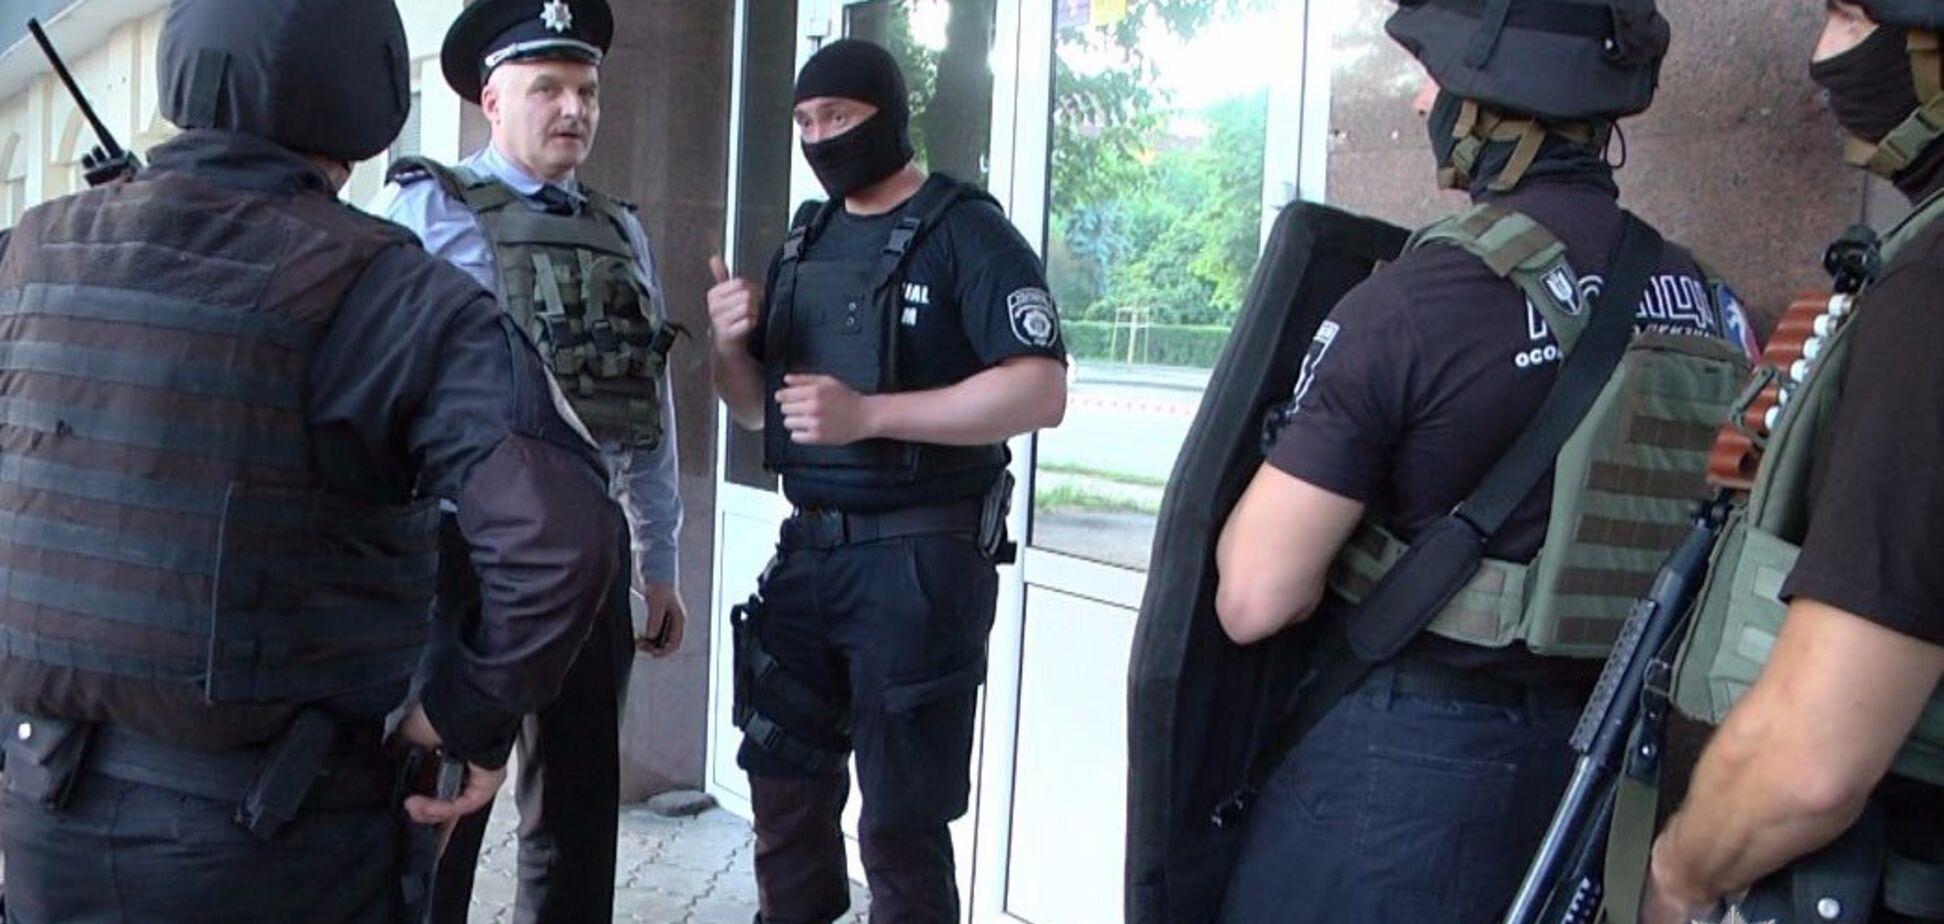 Расстрел депутата 'Батьківщини' в Черкассах: в полиции сообщили подробности